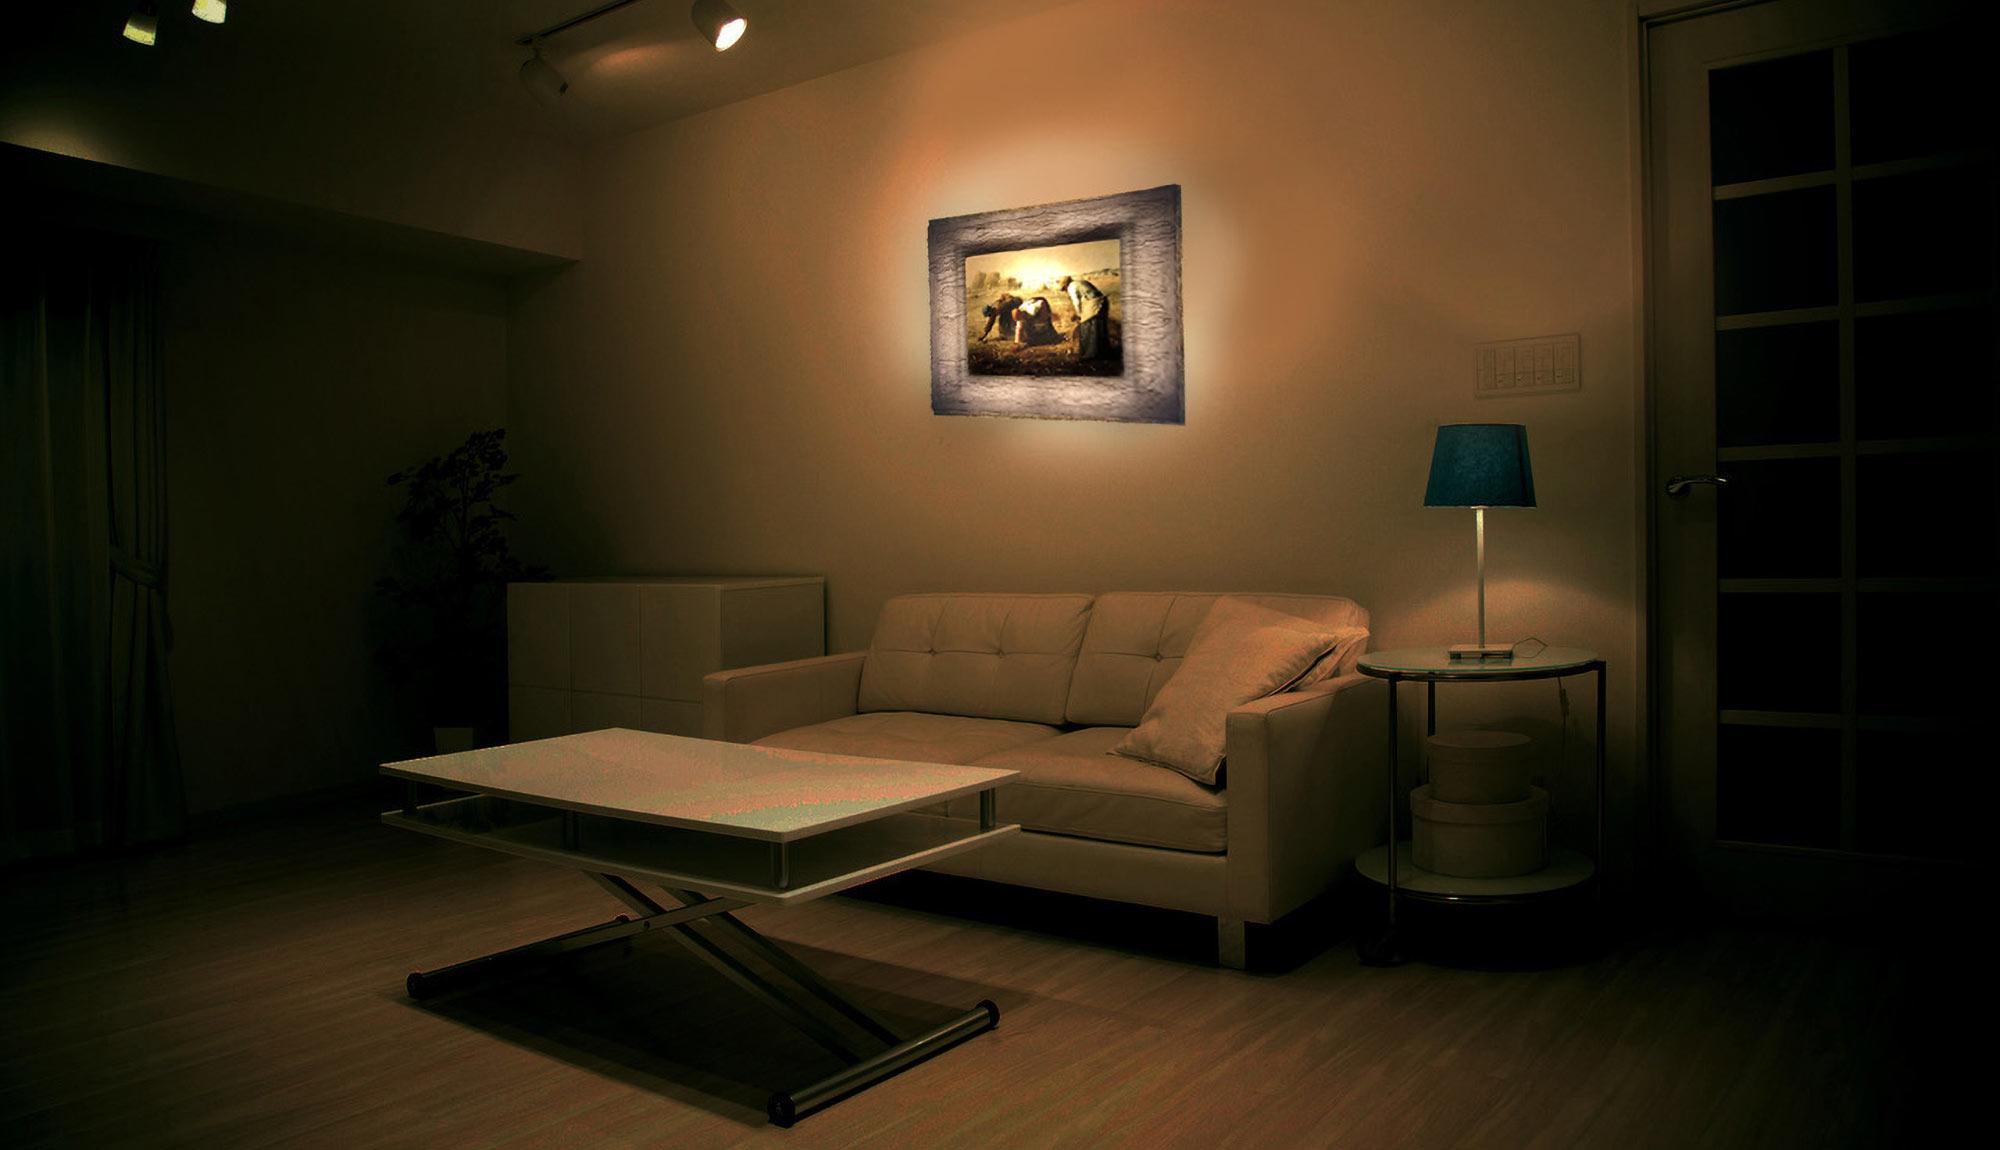 和紙ックはインテリア性の高い間接照明にもなります